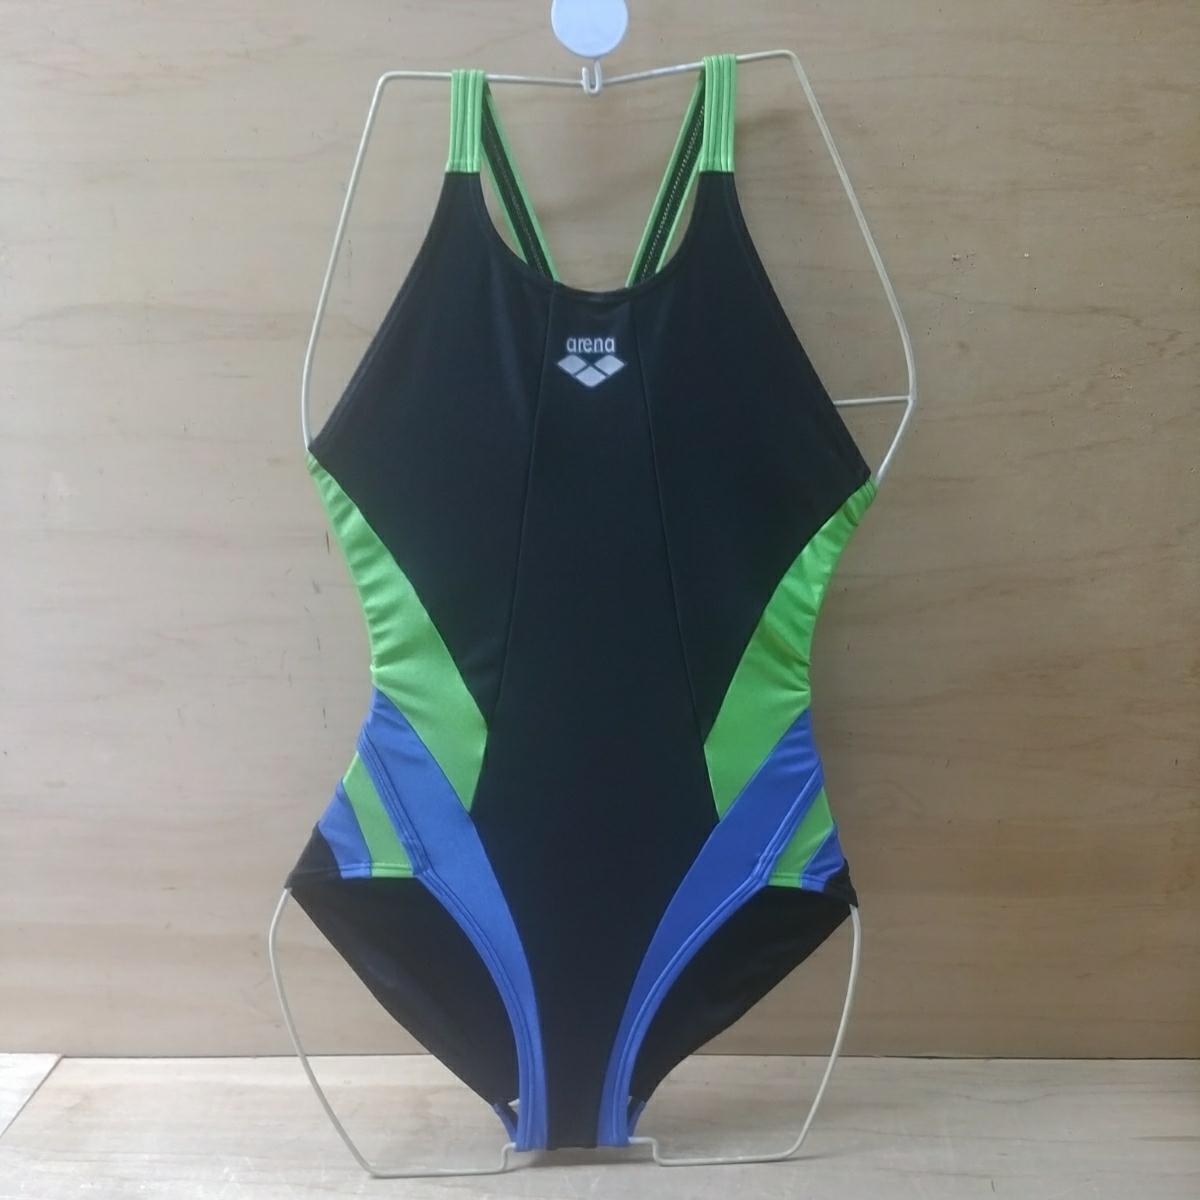 df2c5bb6e4b4 L5029【スイムウェア6】アリーナ レディース M ワンピース 競泳水着 黒×ライム arena